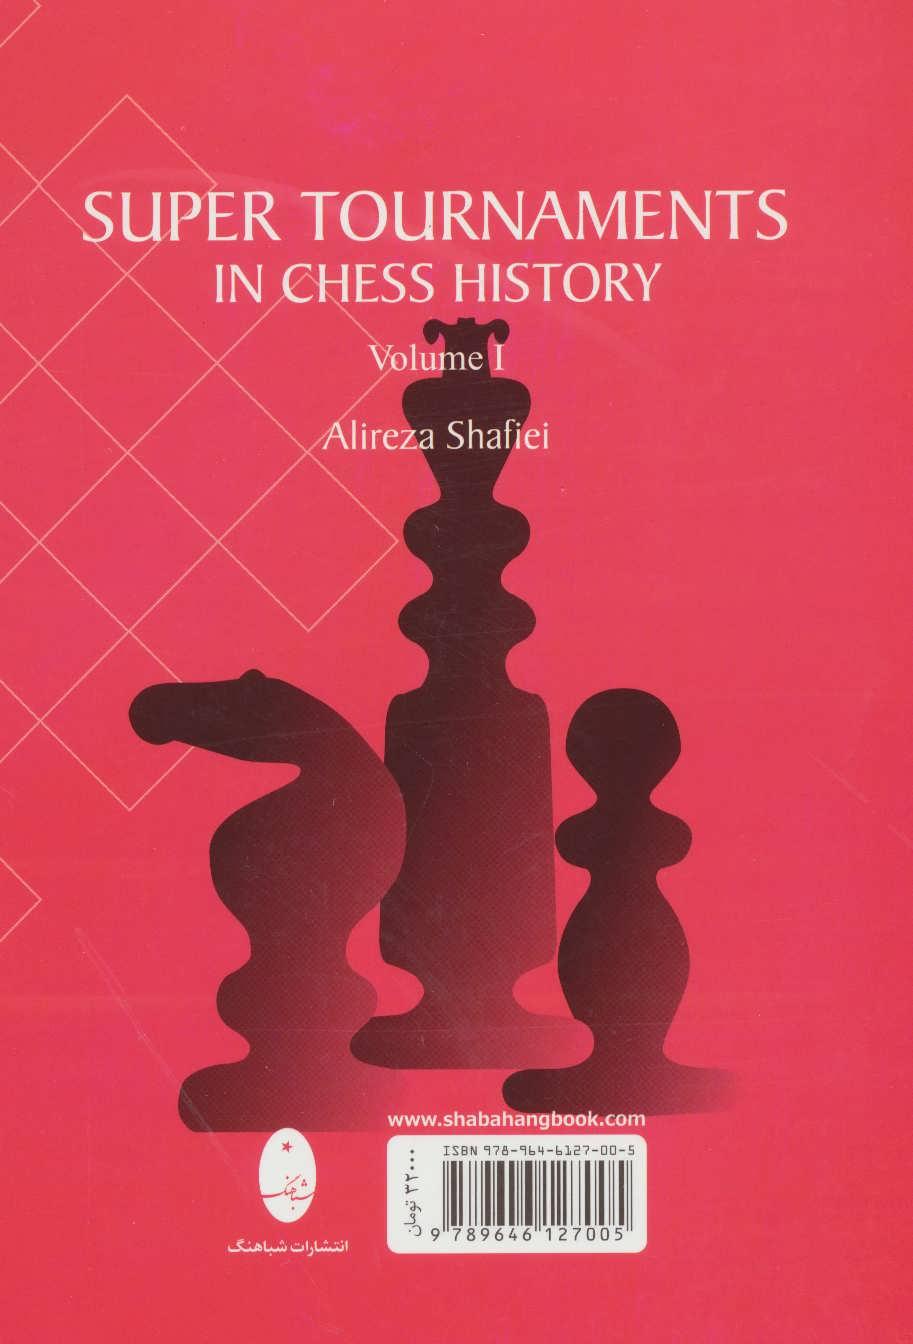 مسابقات بزرگ در تاریخ شطرنج جلد 1